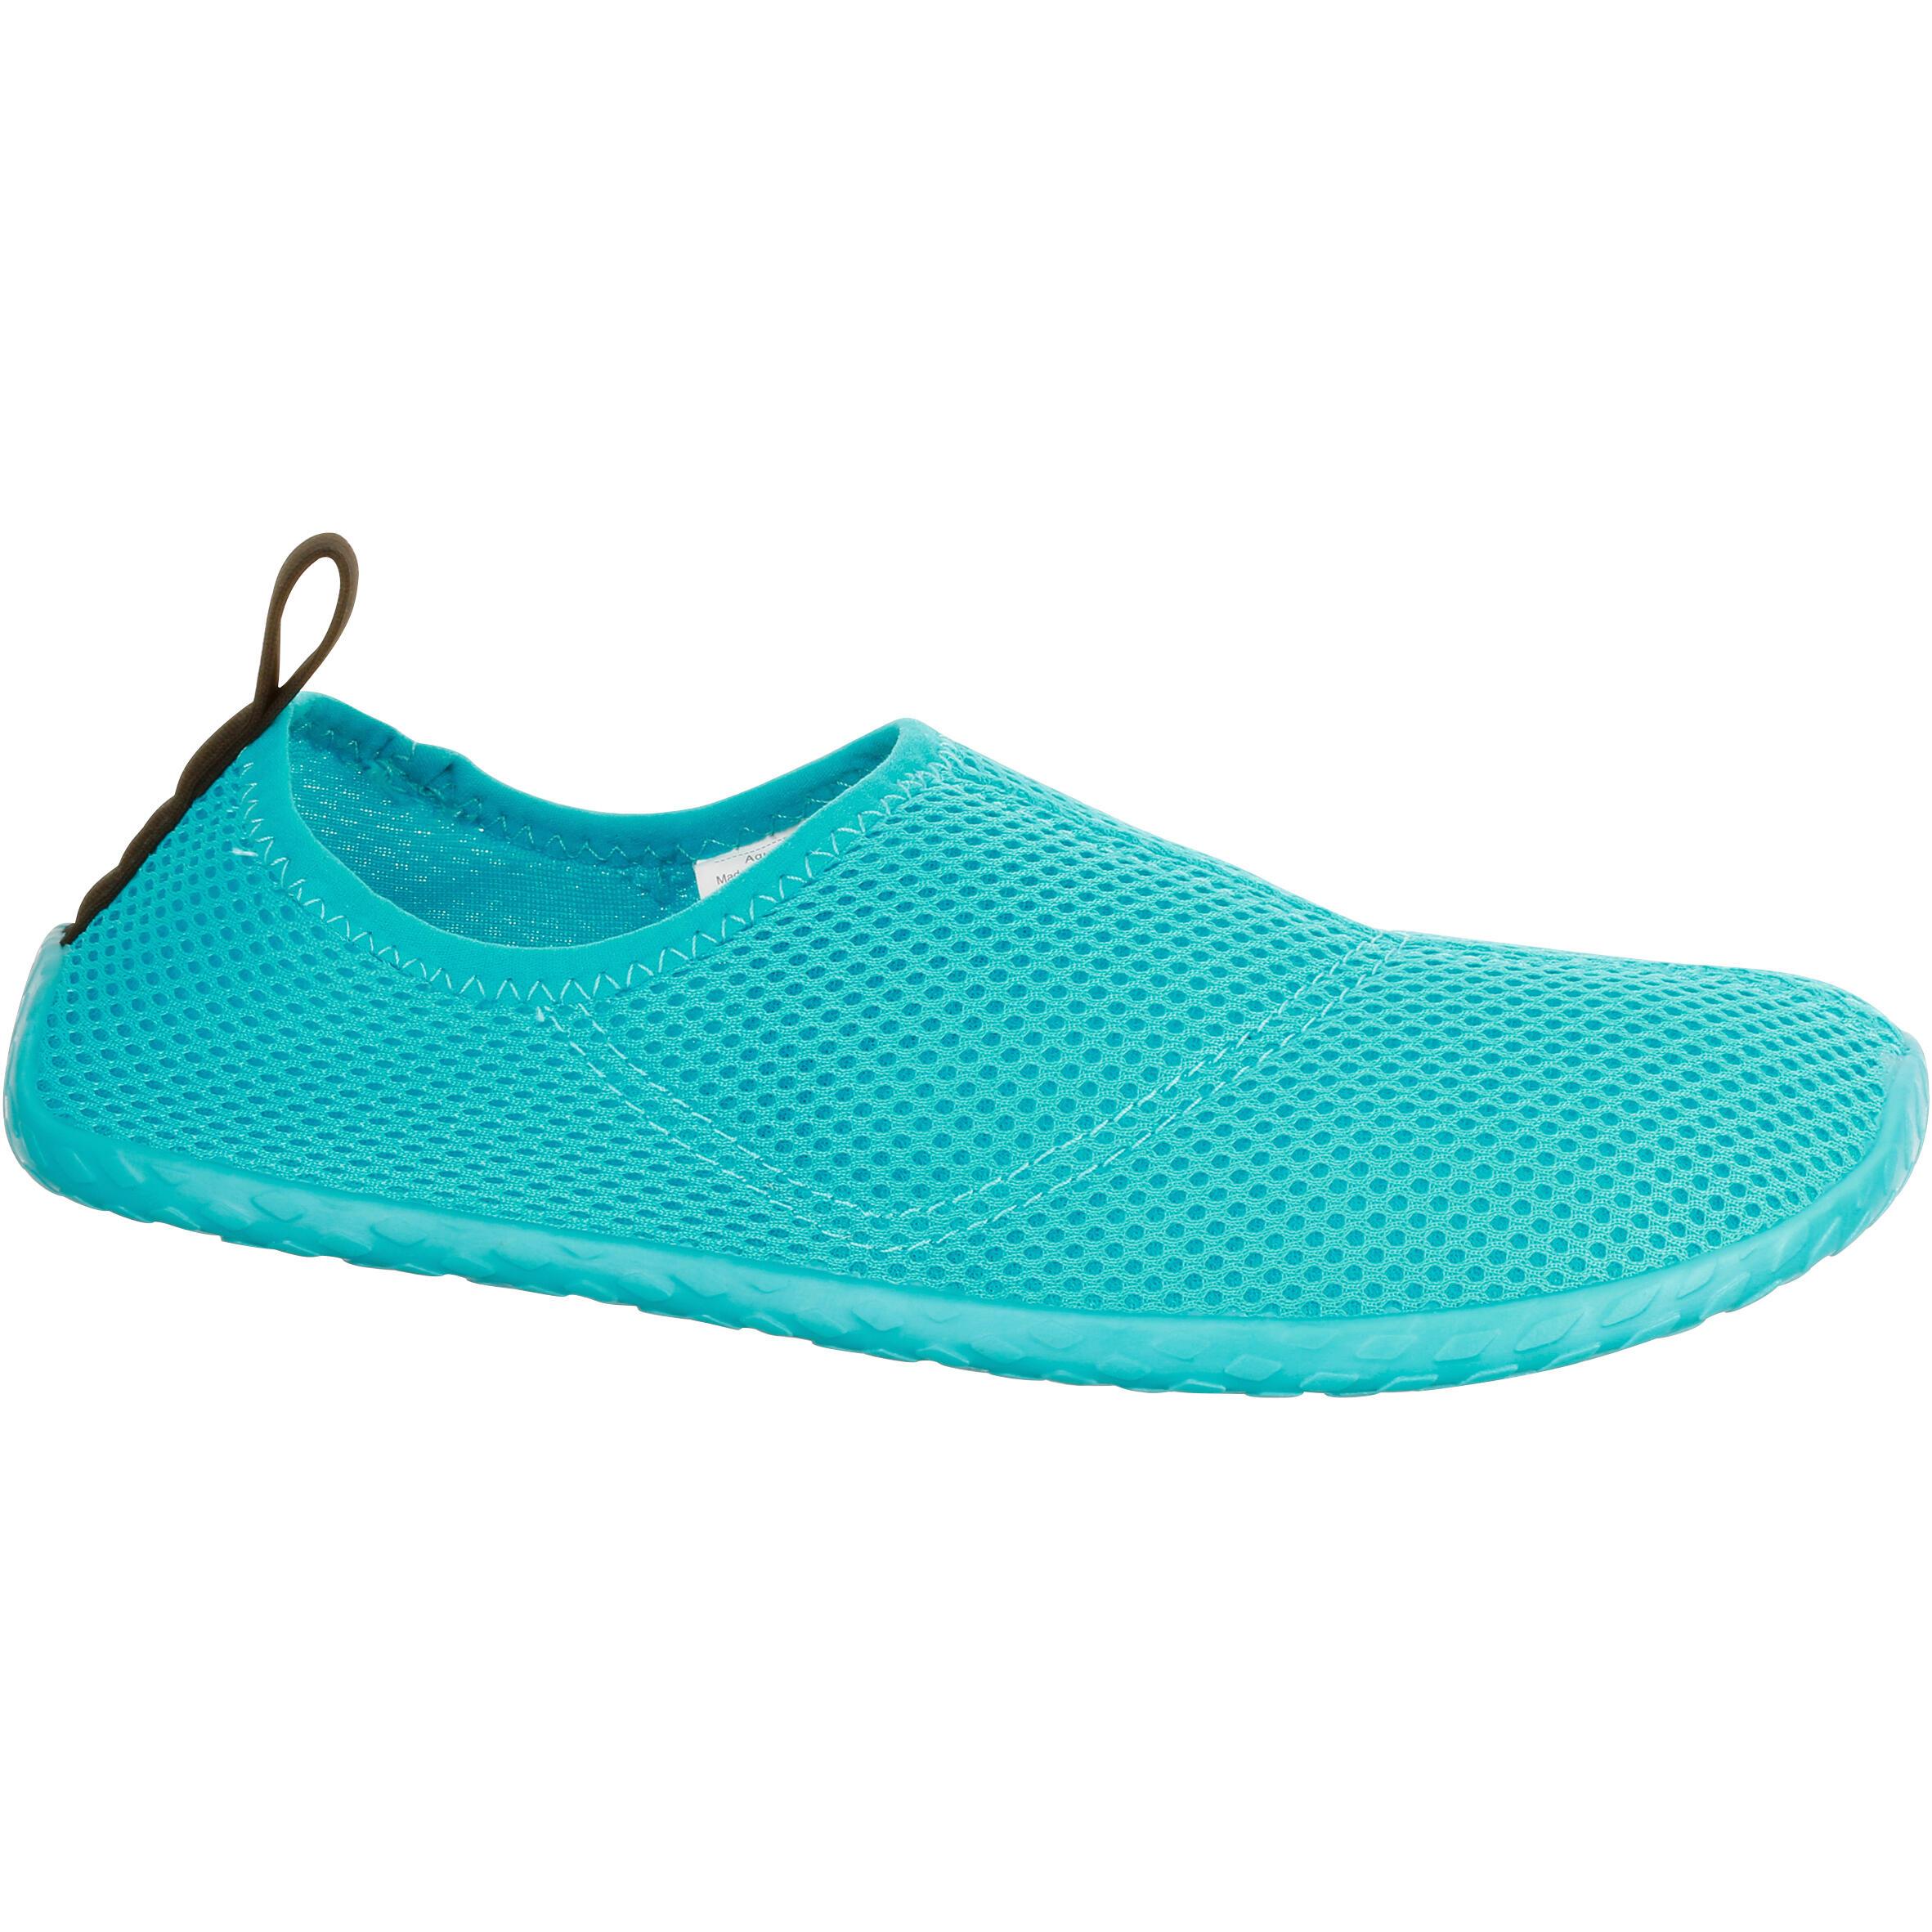 50 Sepatu Aquashoes - Toska